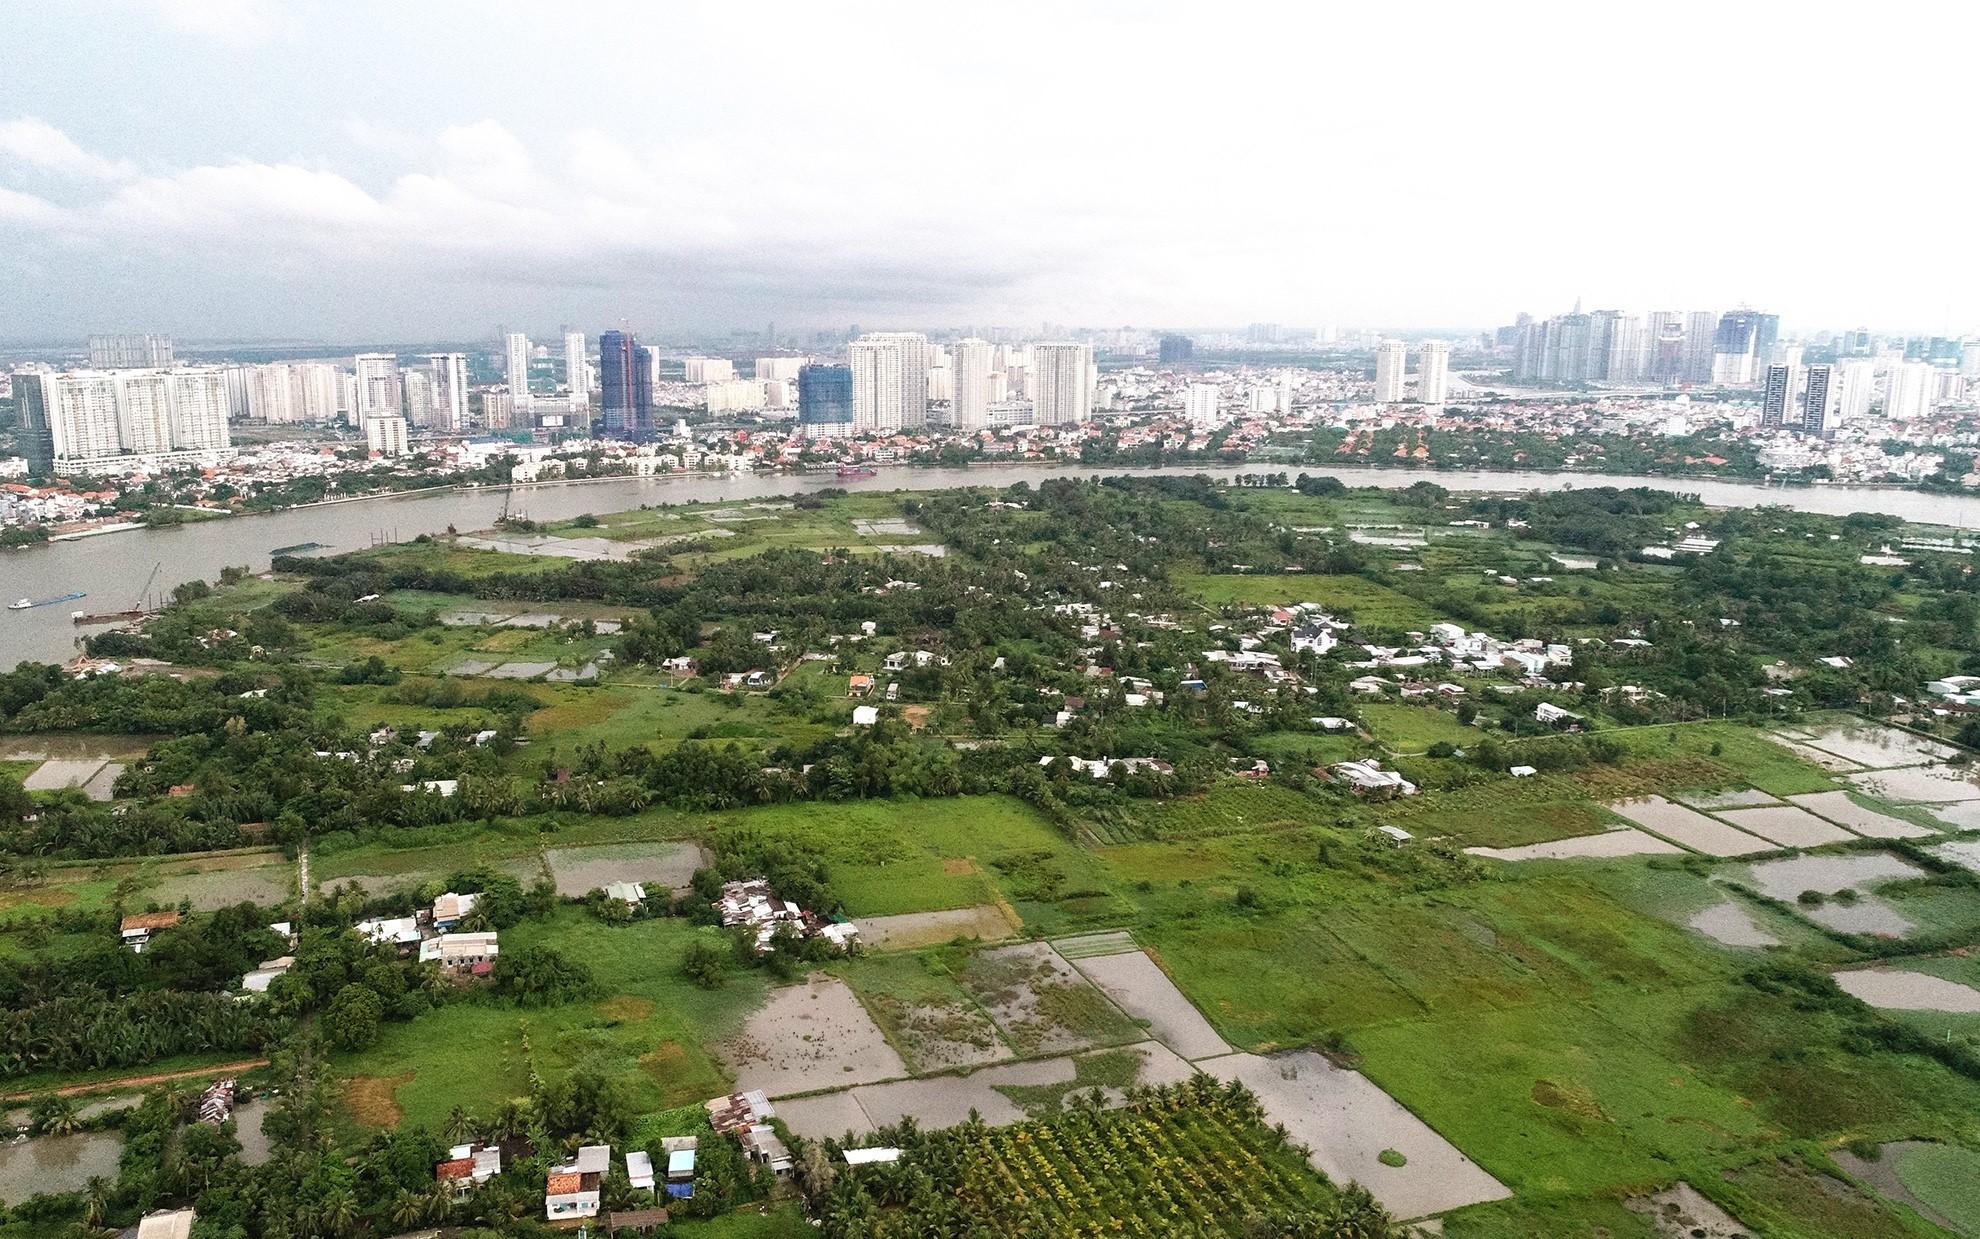 TP HCM phê duyệt dự án xây dựng bảng giá đất năm 2020 - Ảnh 1.